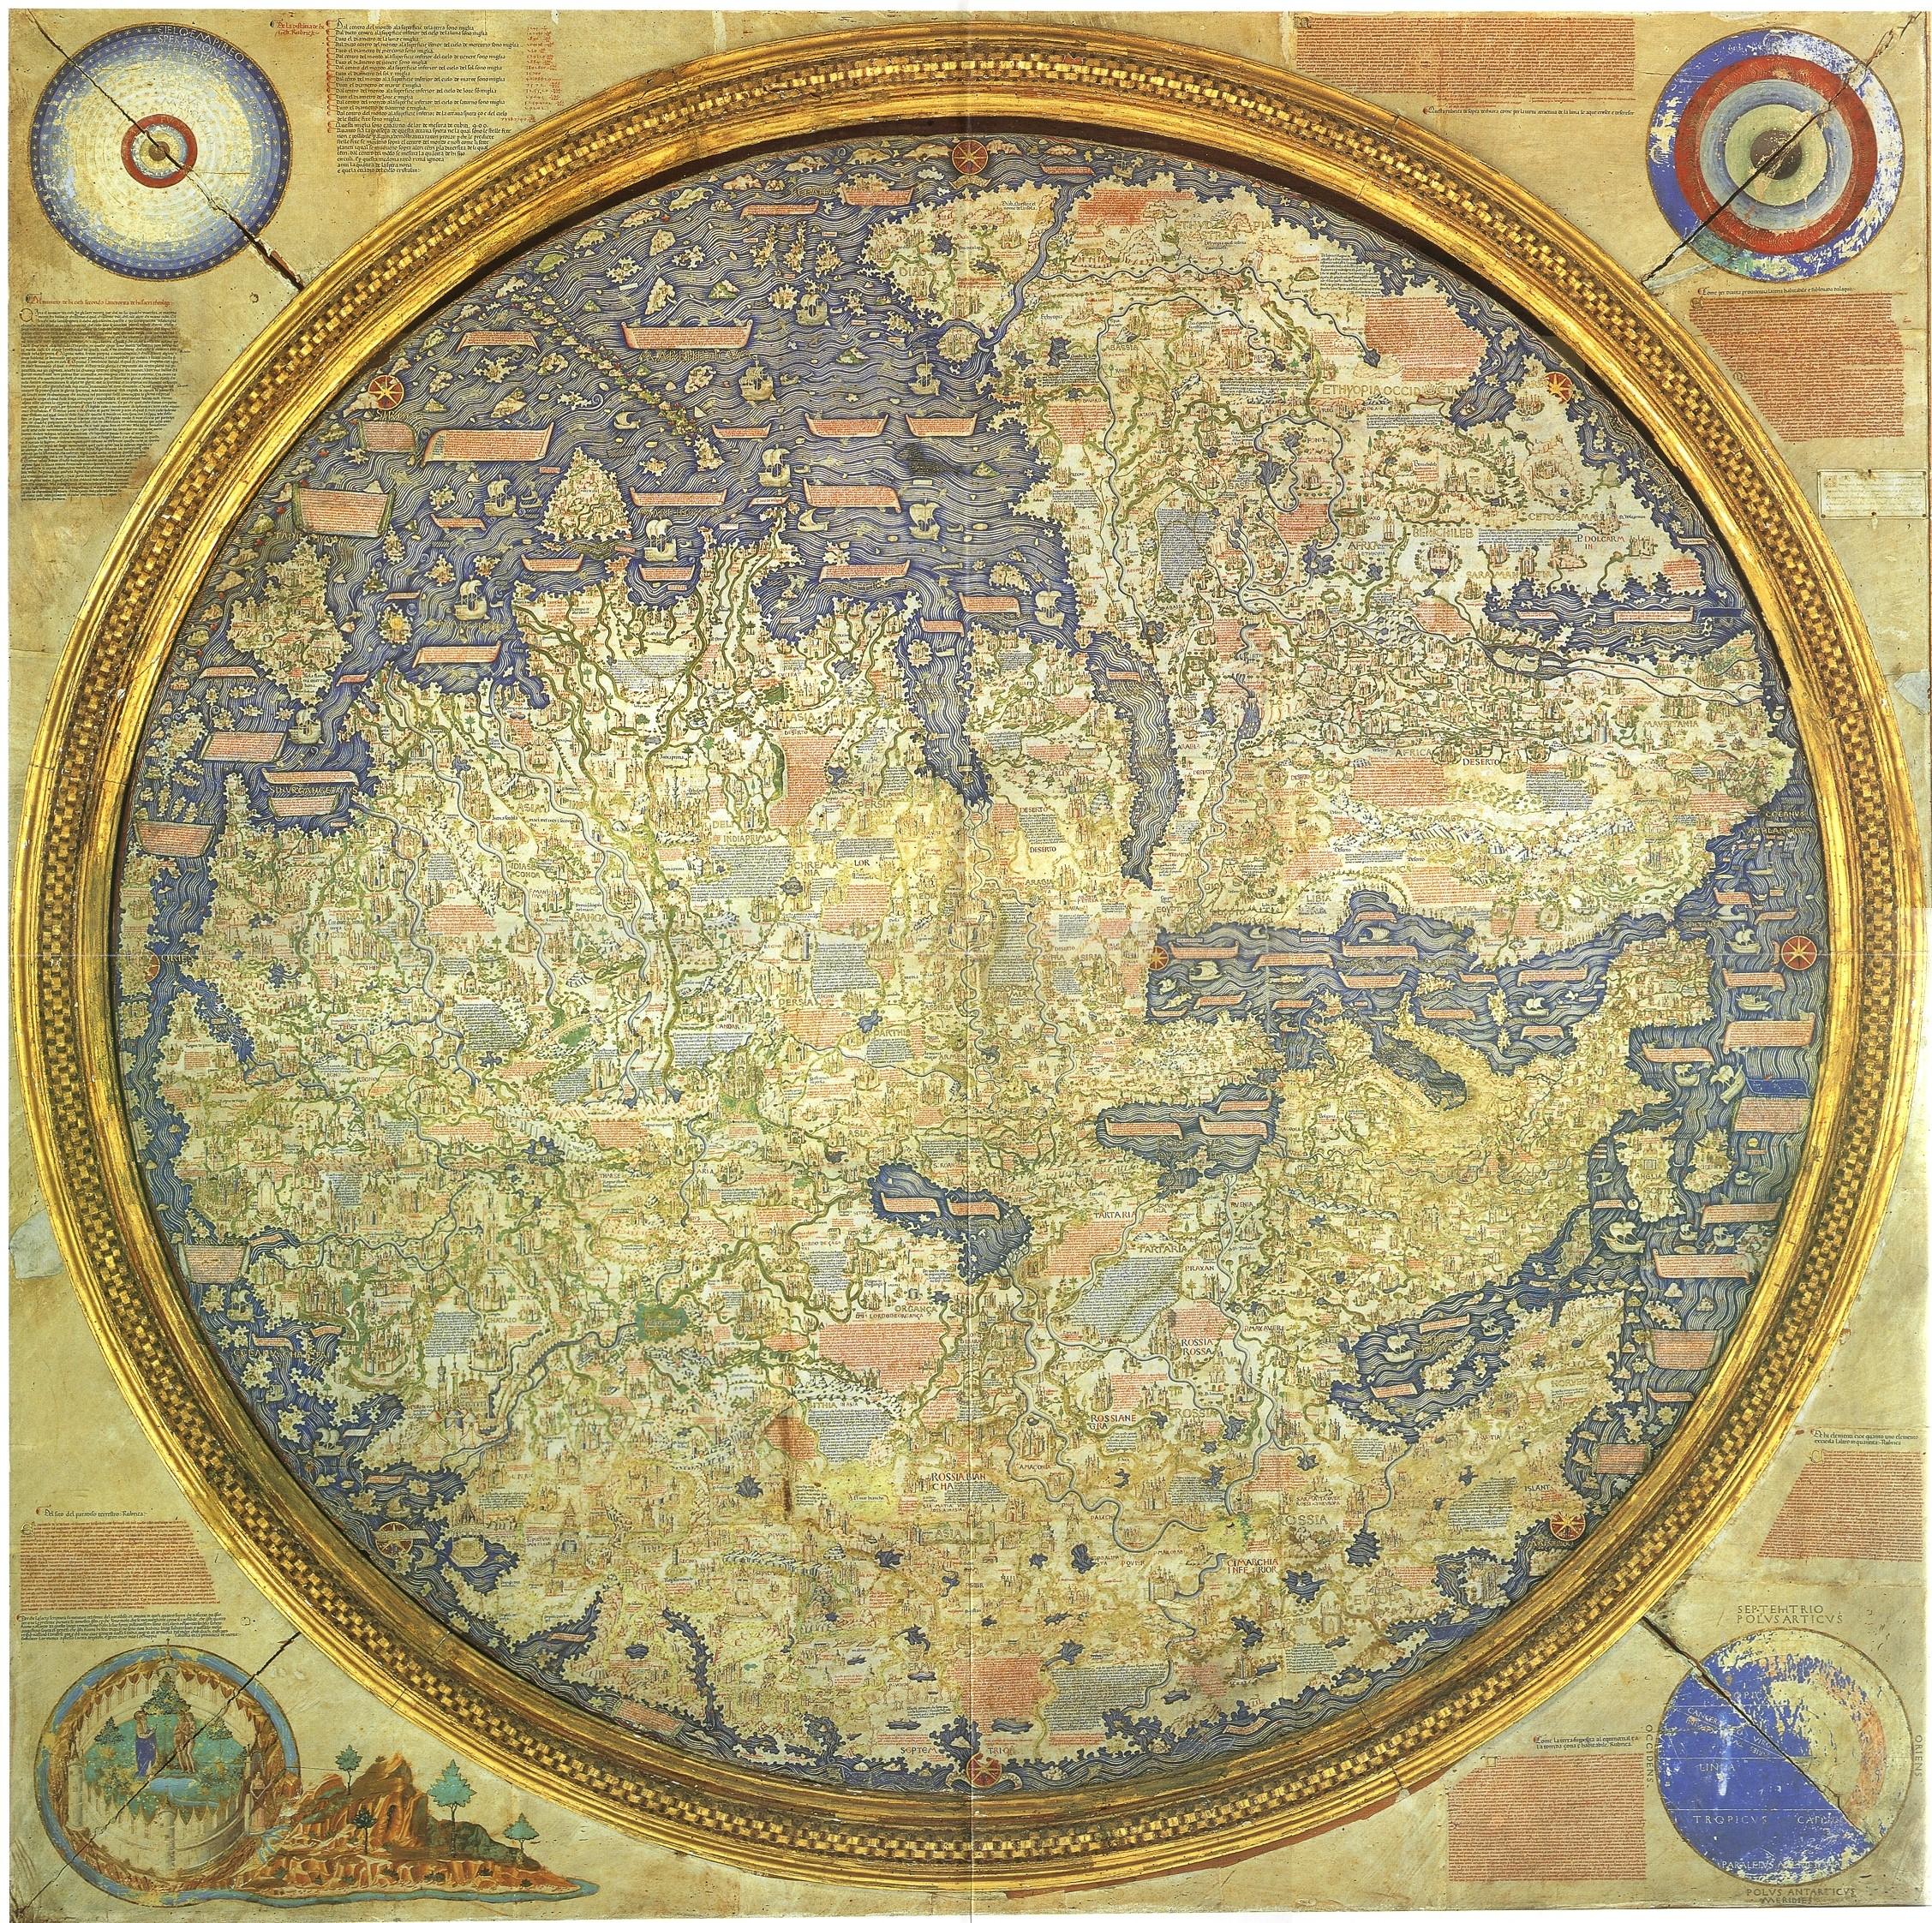 Эдем на карте Фра Мауро